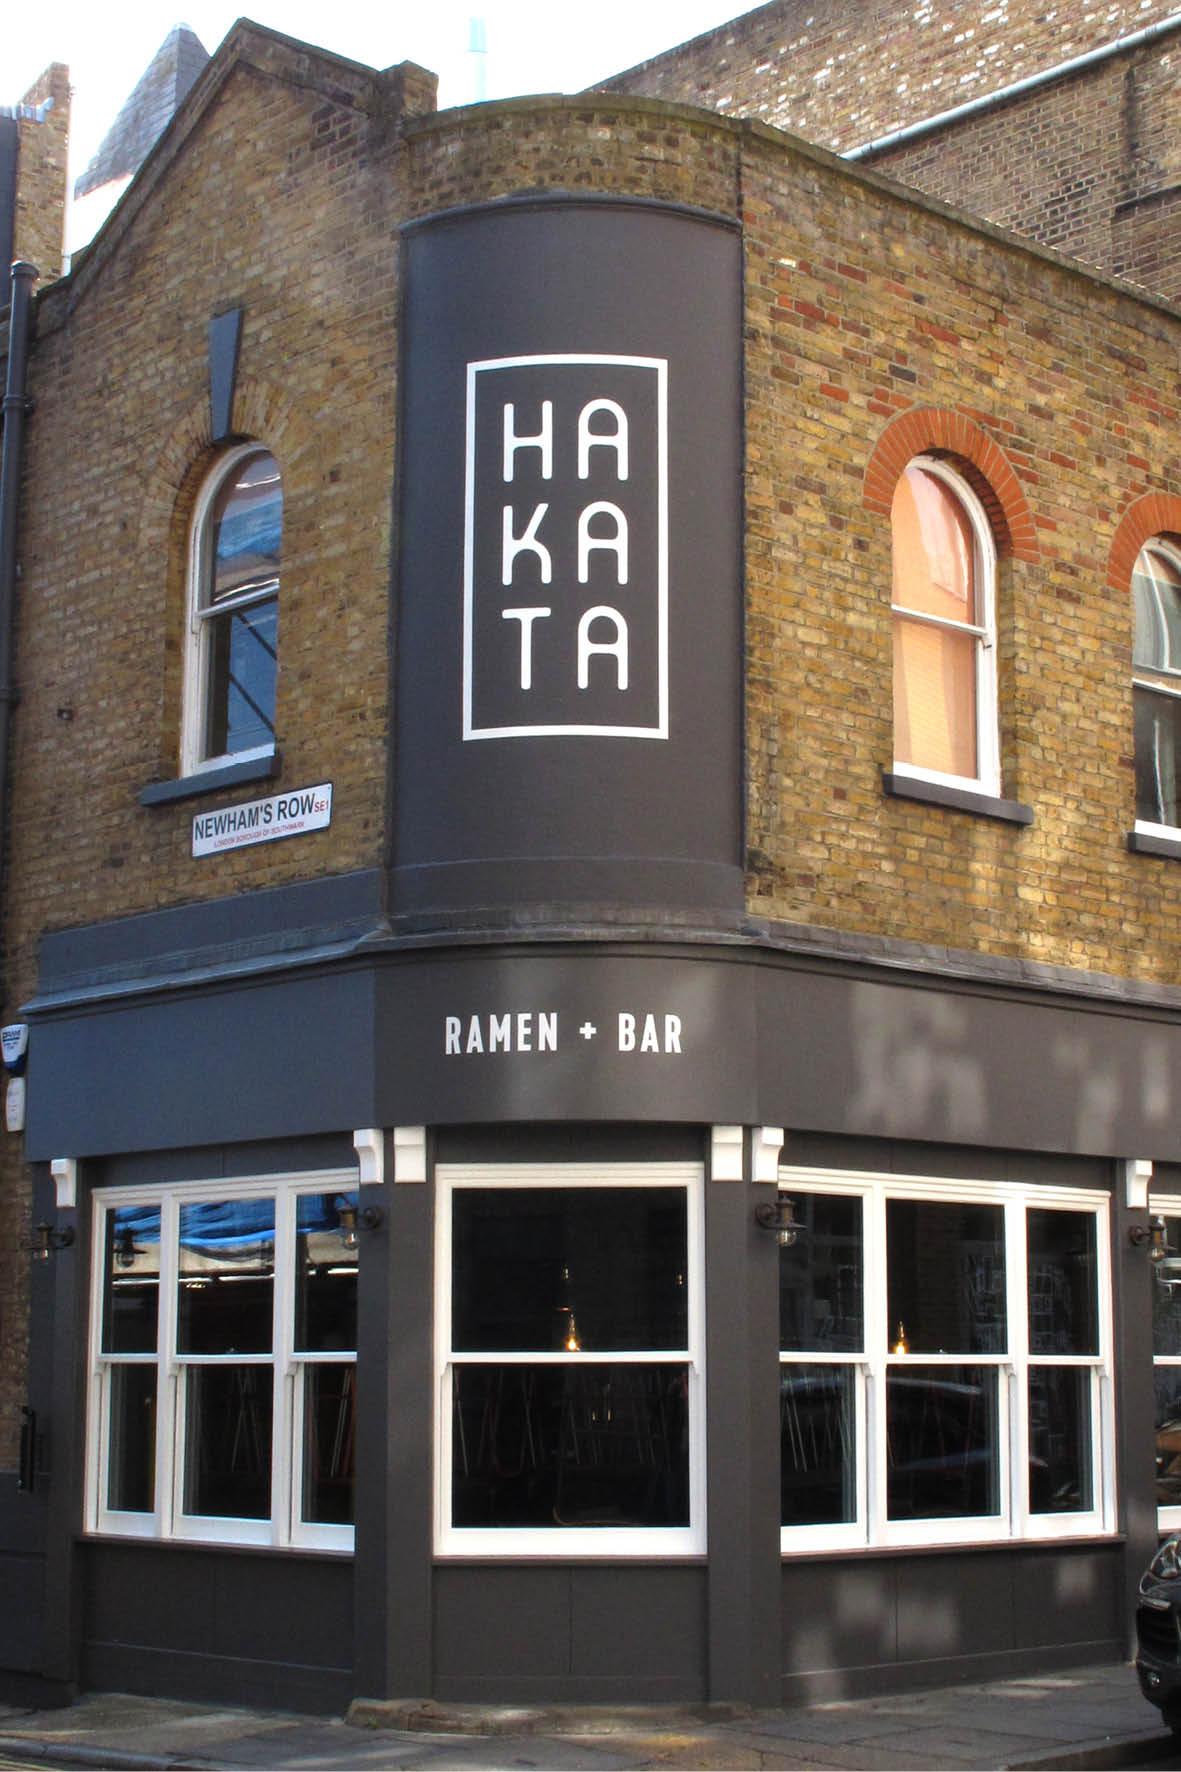 hakata_japanese_ramen+bar_p_2019_no_3.jpg